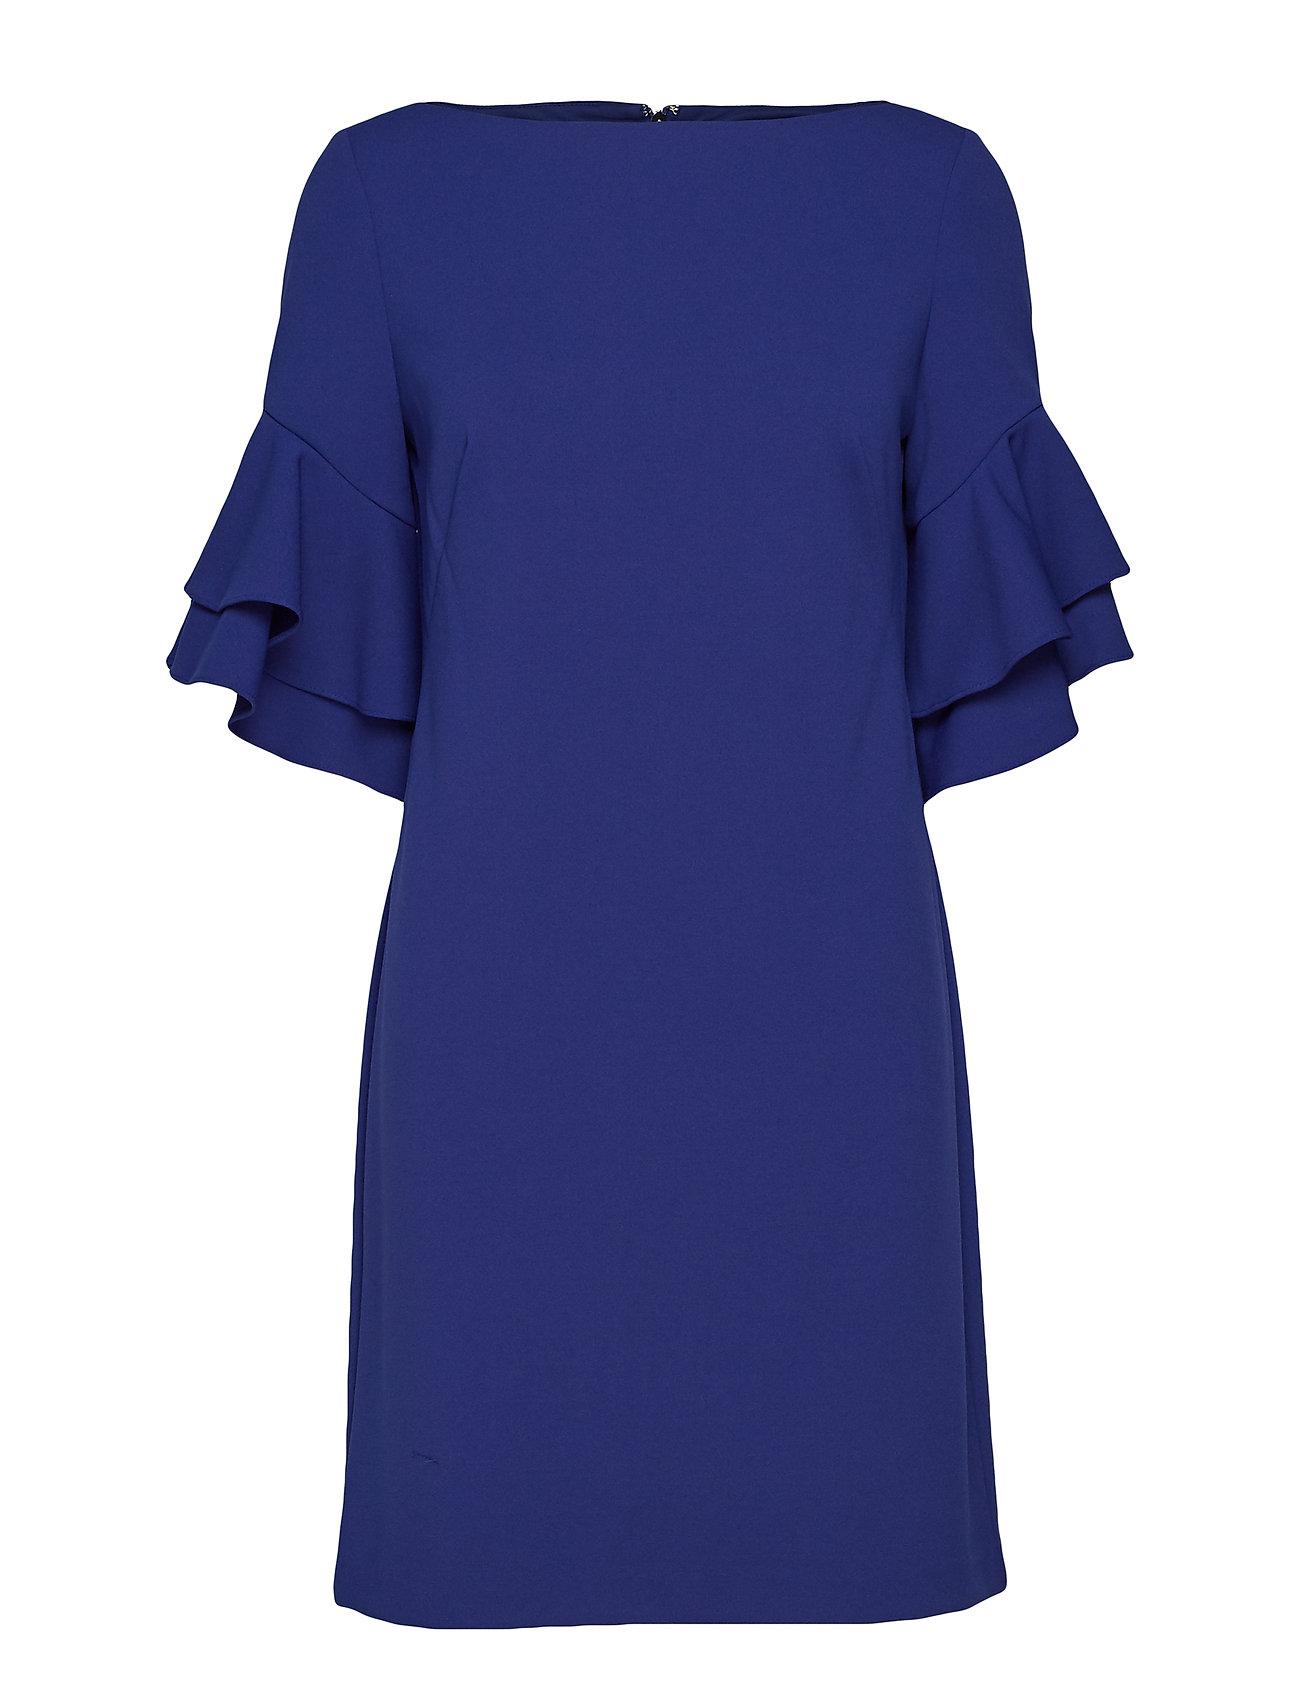 Lauren Ralph Lauren Ruffle-Sleeve Shift Dress